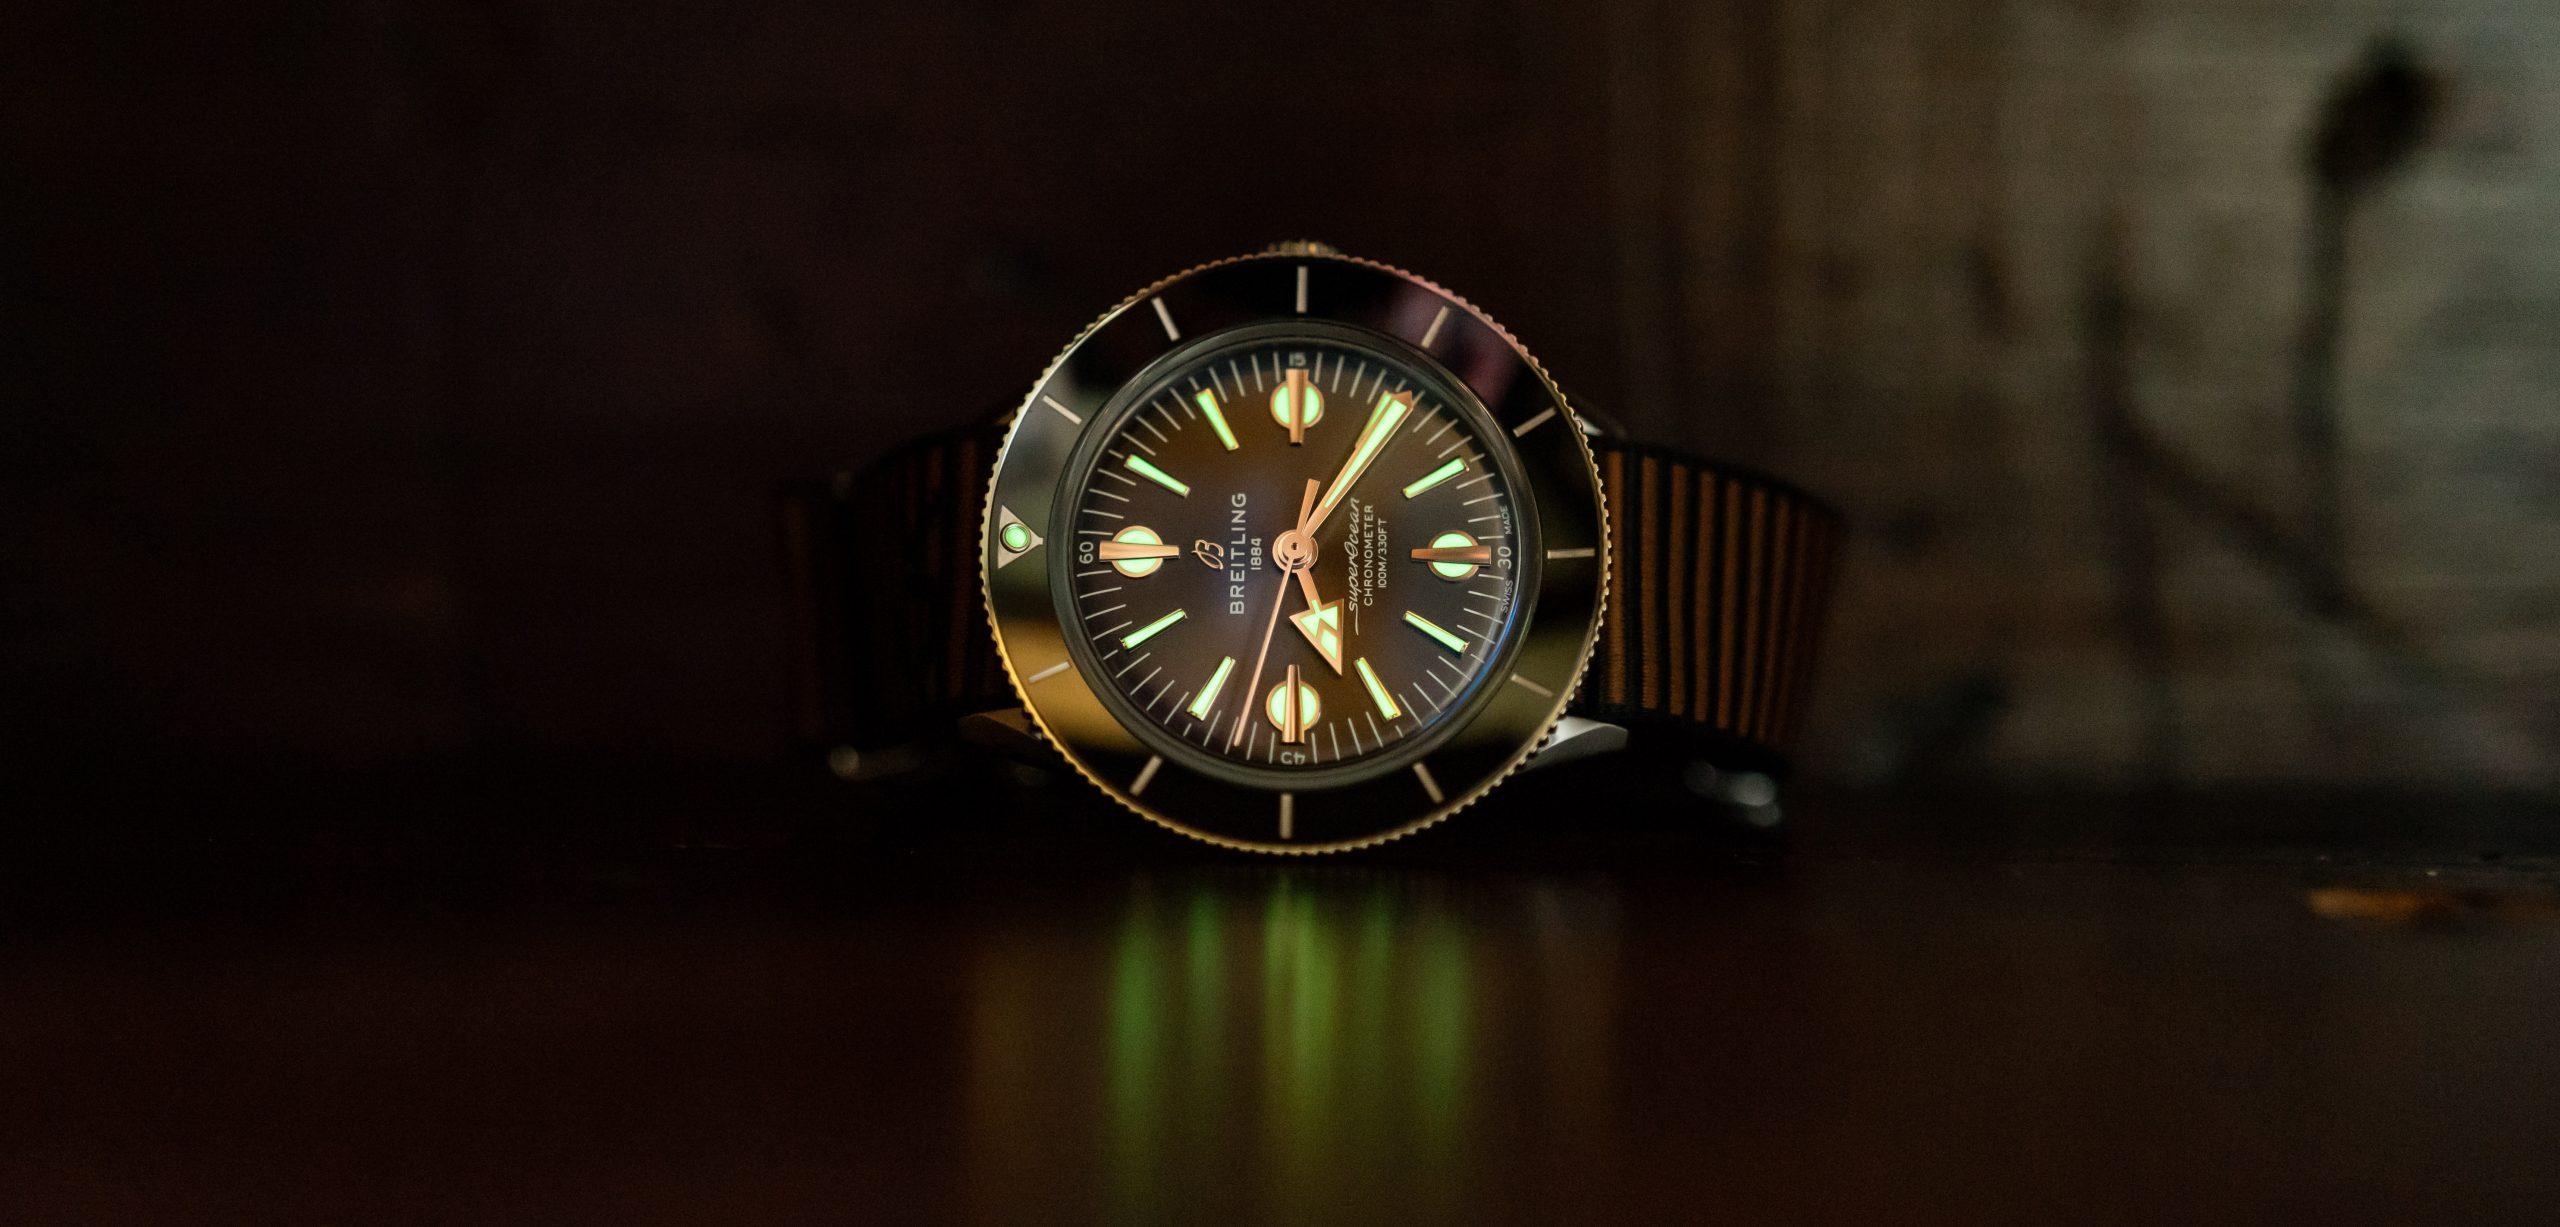 E62 – It Glows In The Dark!